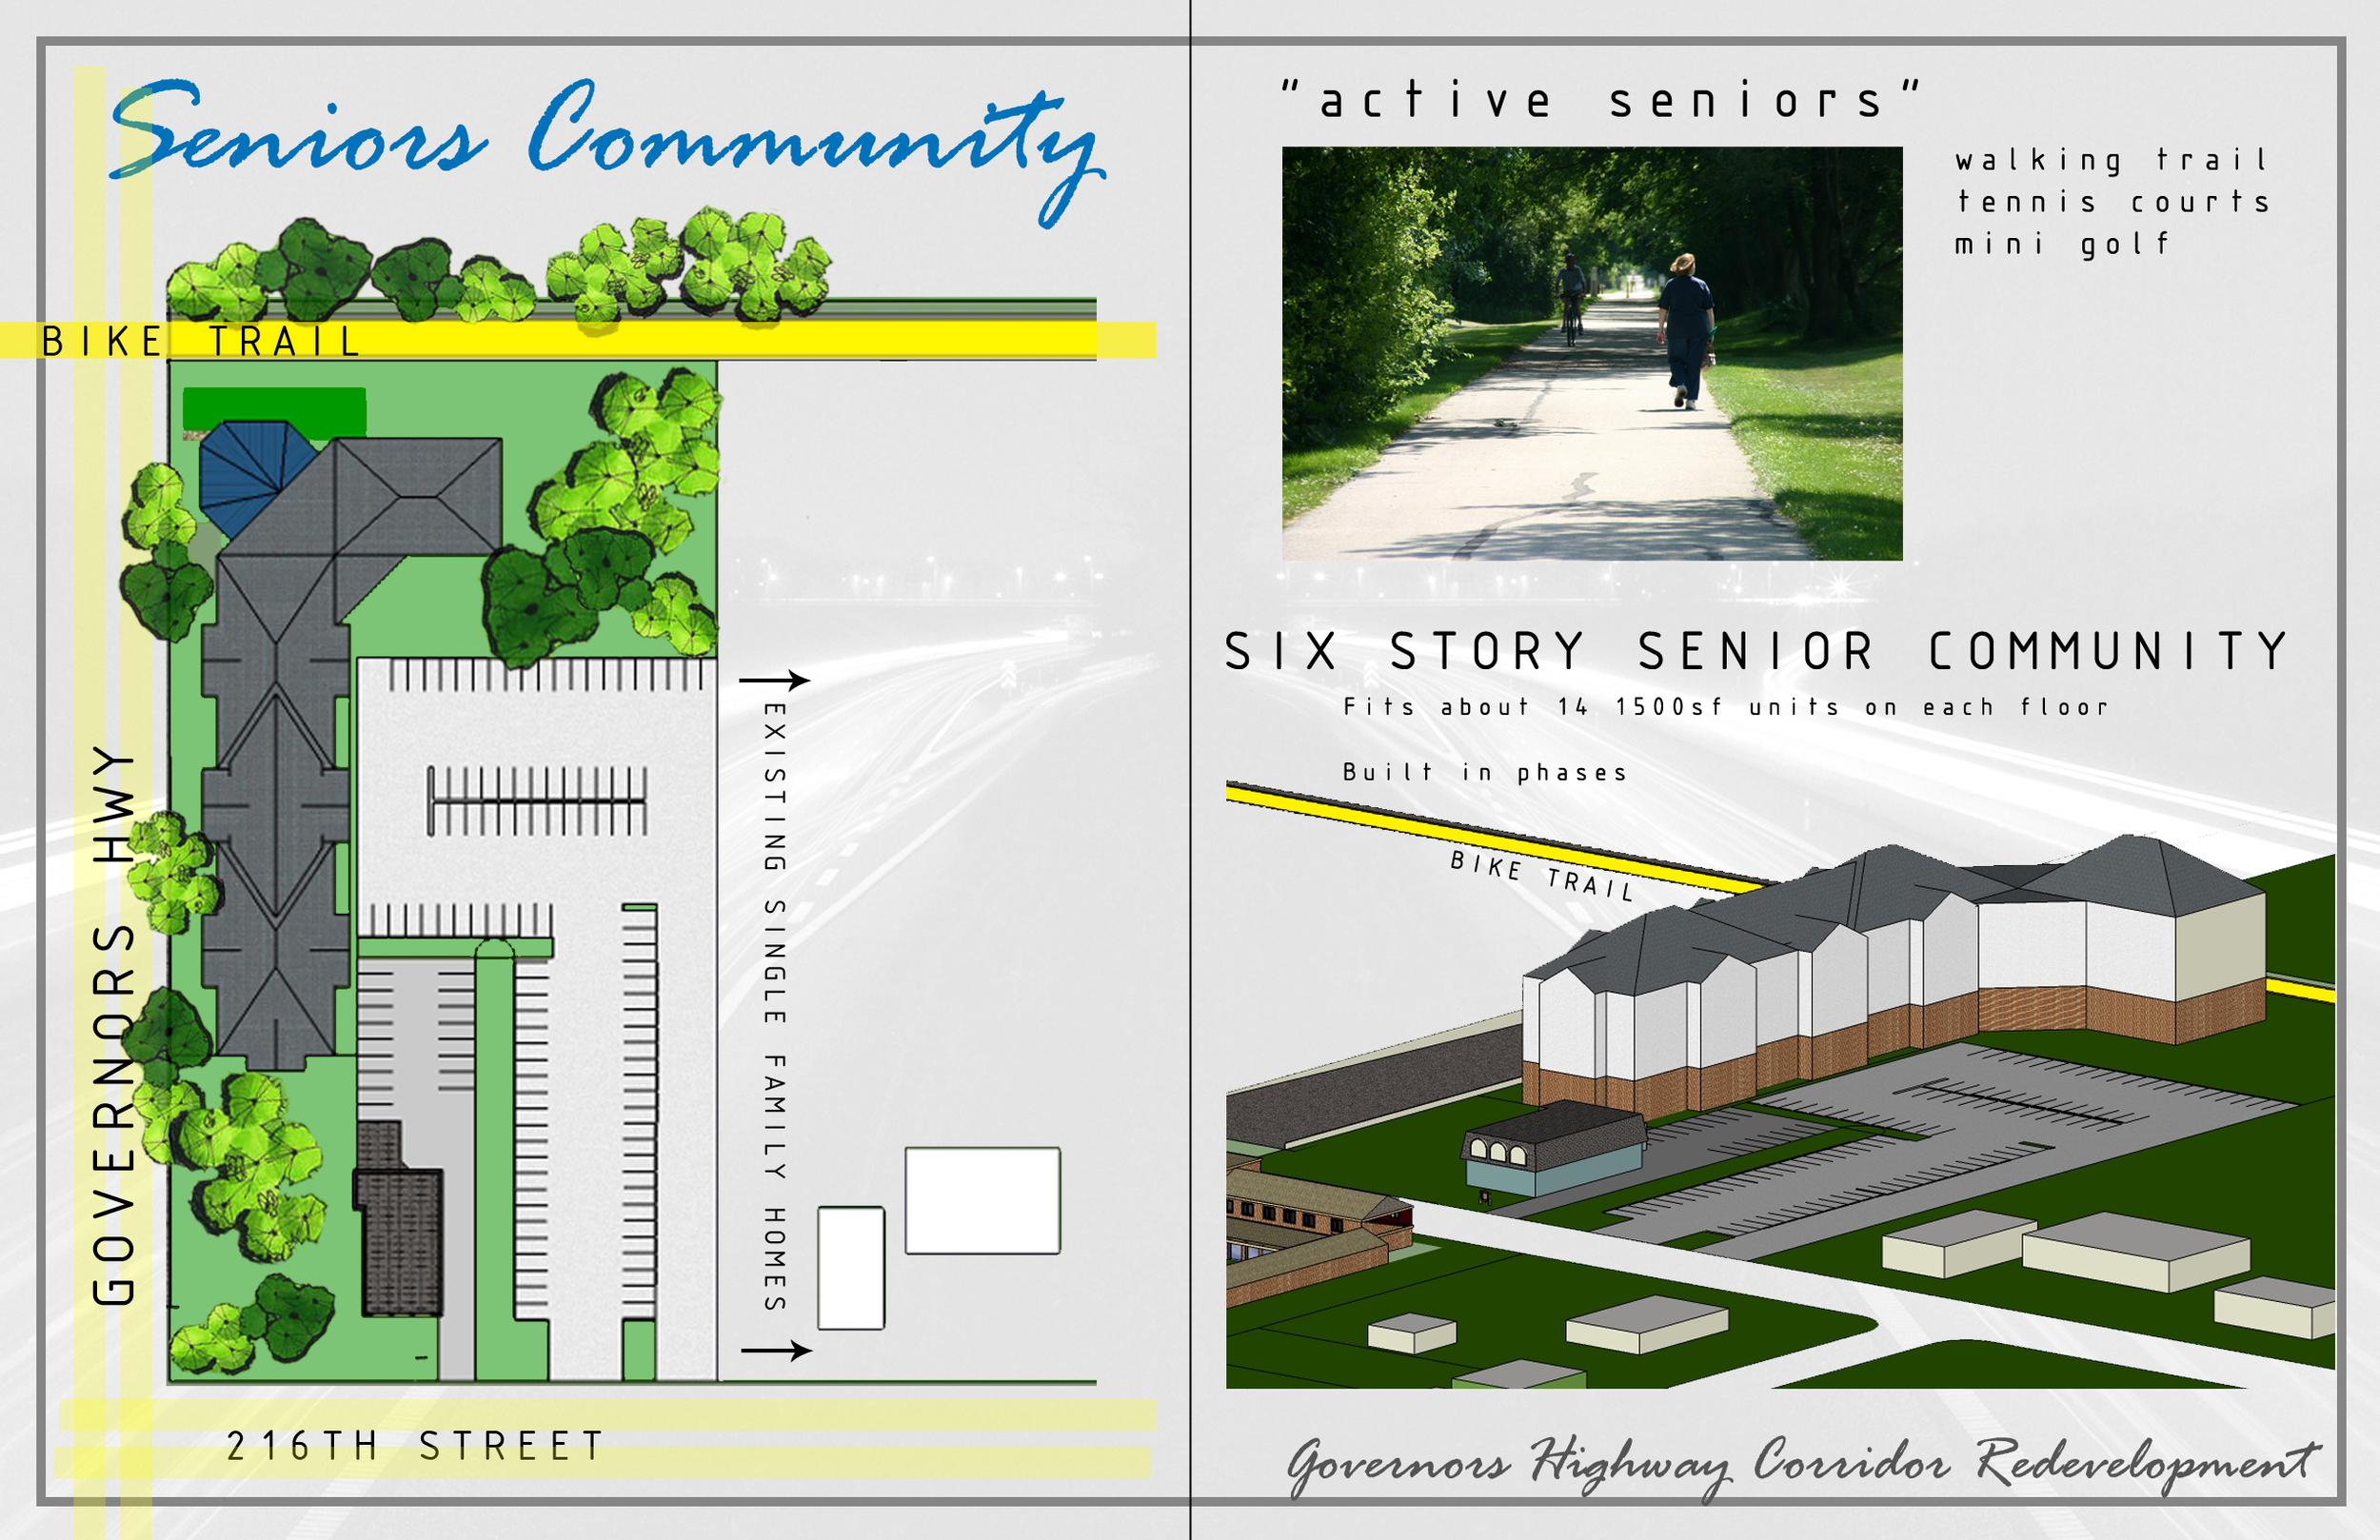 GovHwy_SeniorCommunity.jpg